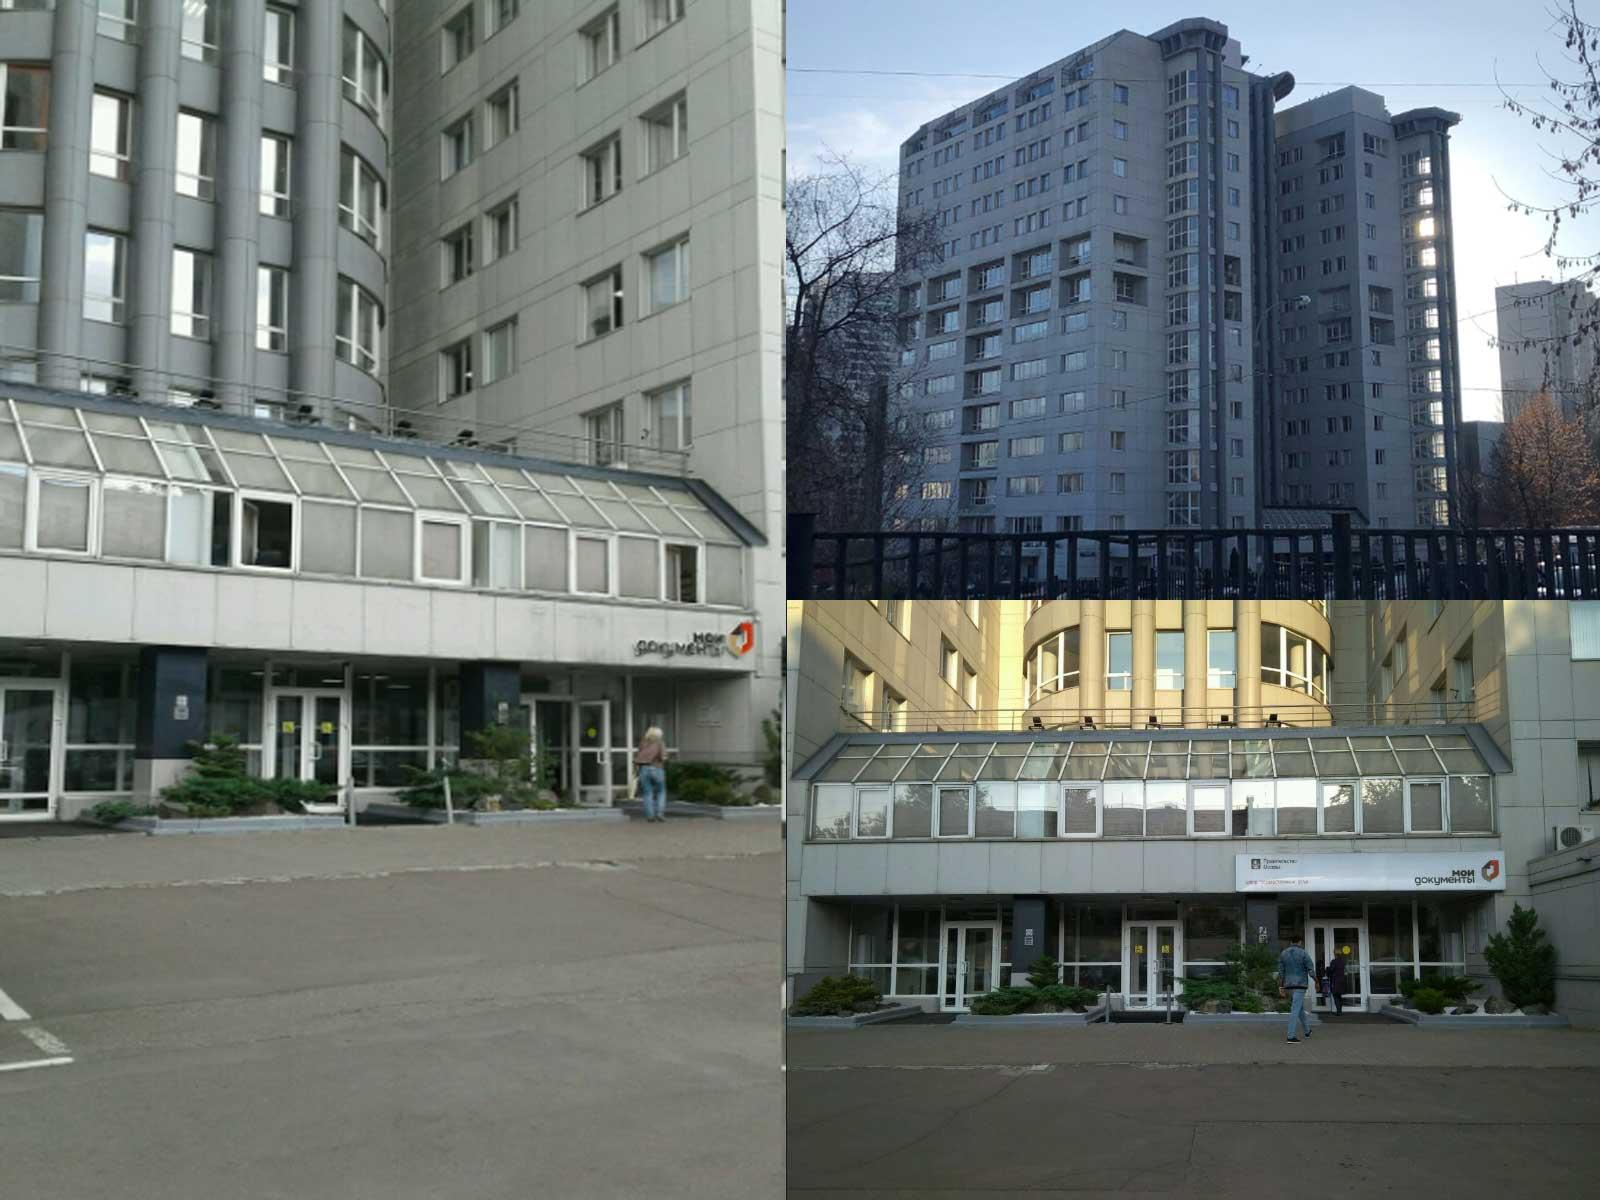 вид на здание УФМС по району Нагатино-Садовники, Варшавское ш., 47, корп. 4, Москва